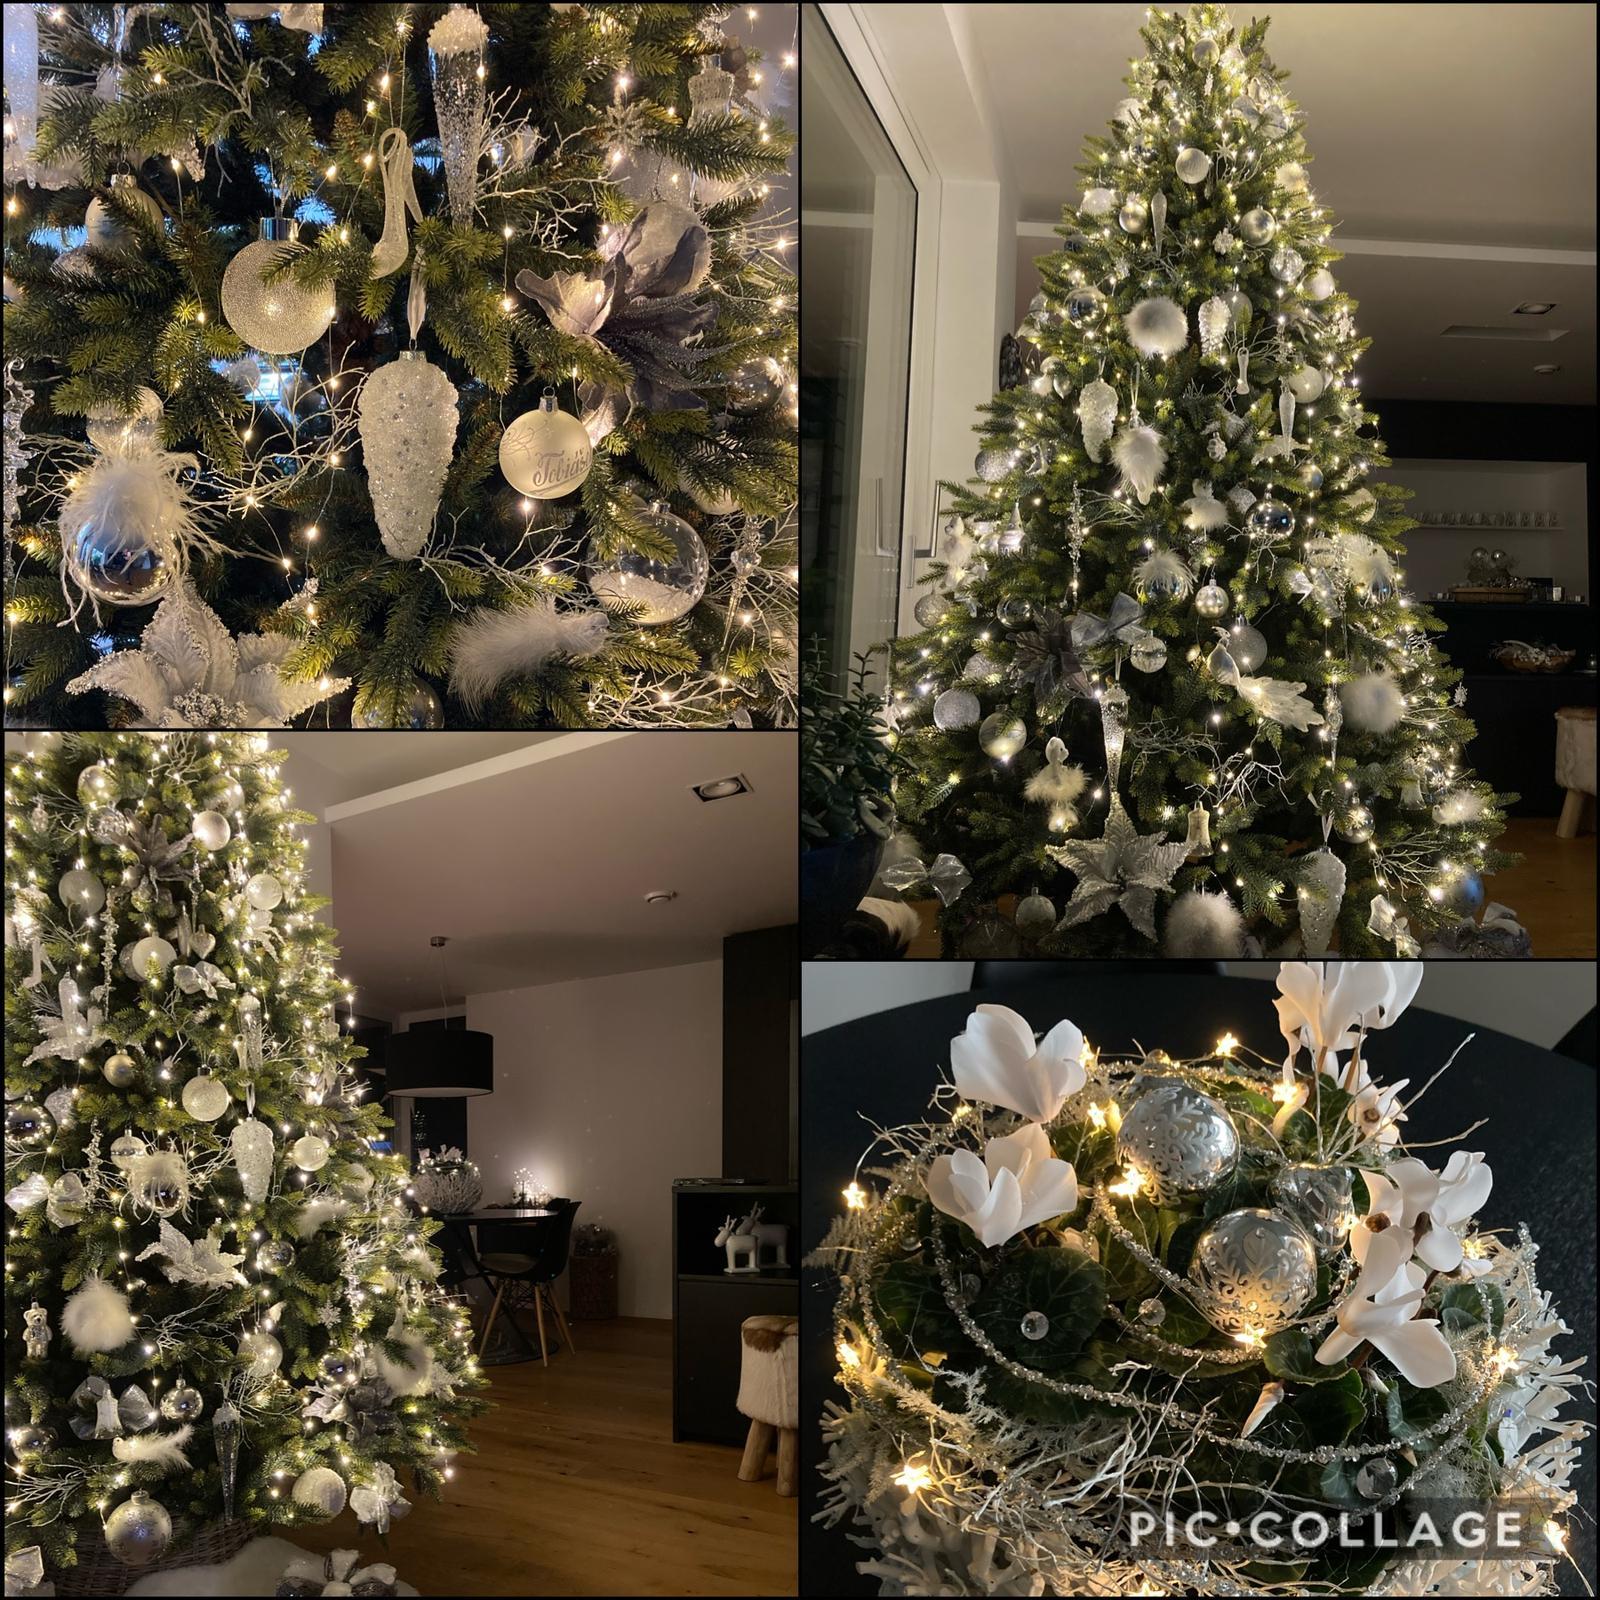 Všem přeji krásné a pohodové Vánoce 🎄🎄🎄 - Obrázek č. 1